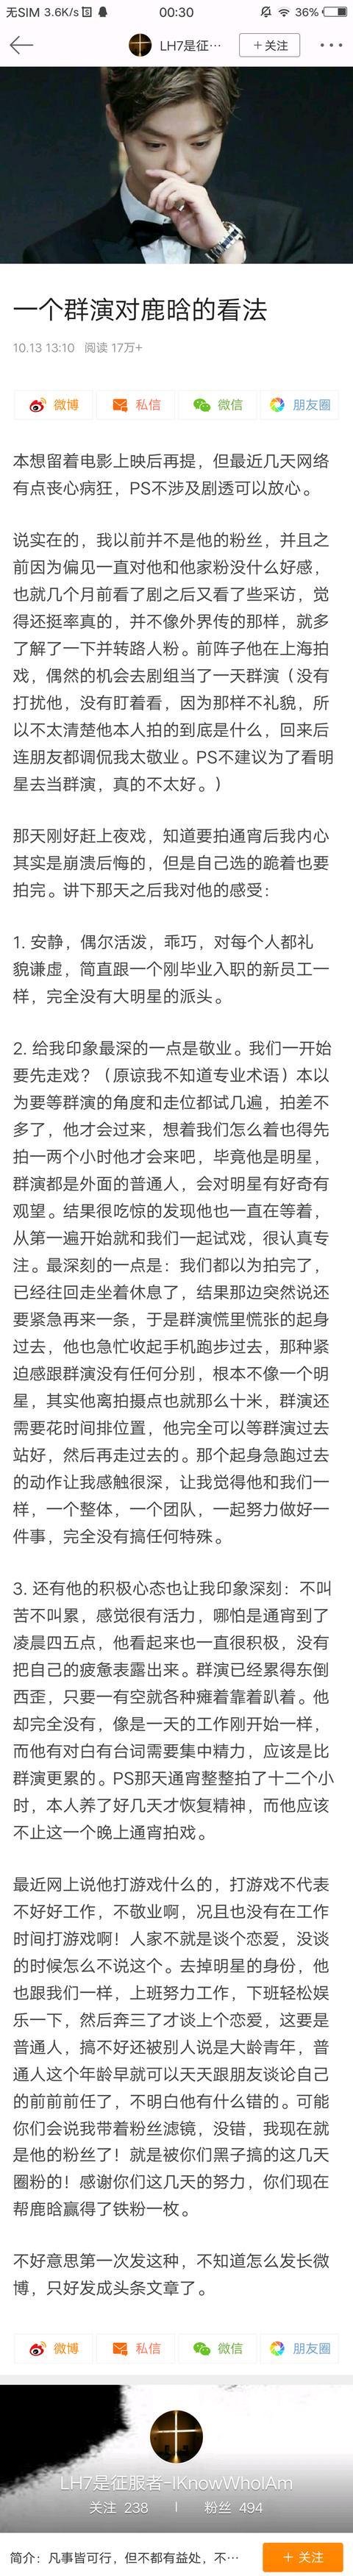 171014 电影《上海堡垒》群演内心独白:看我如何变成鹿晗铁粉